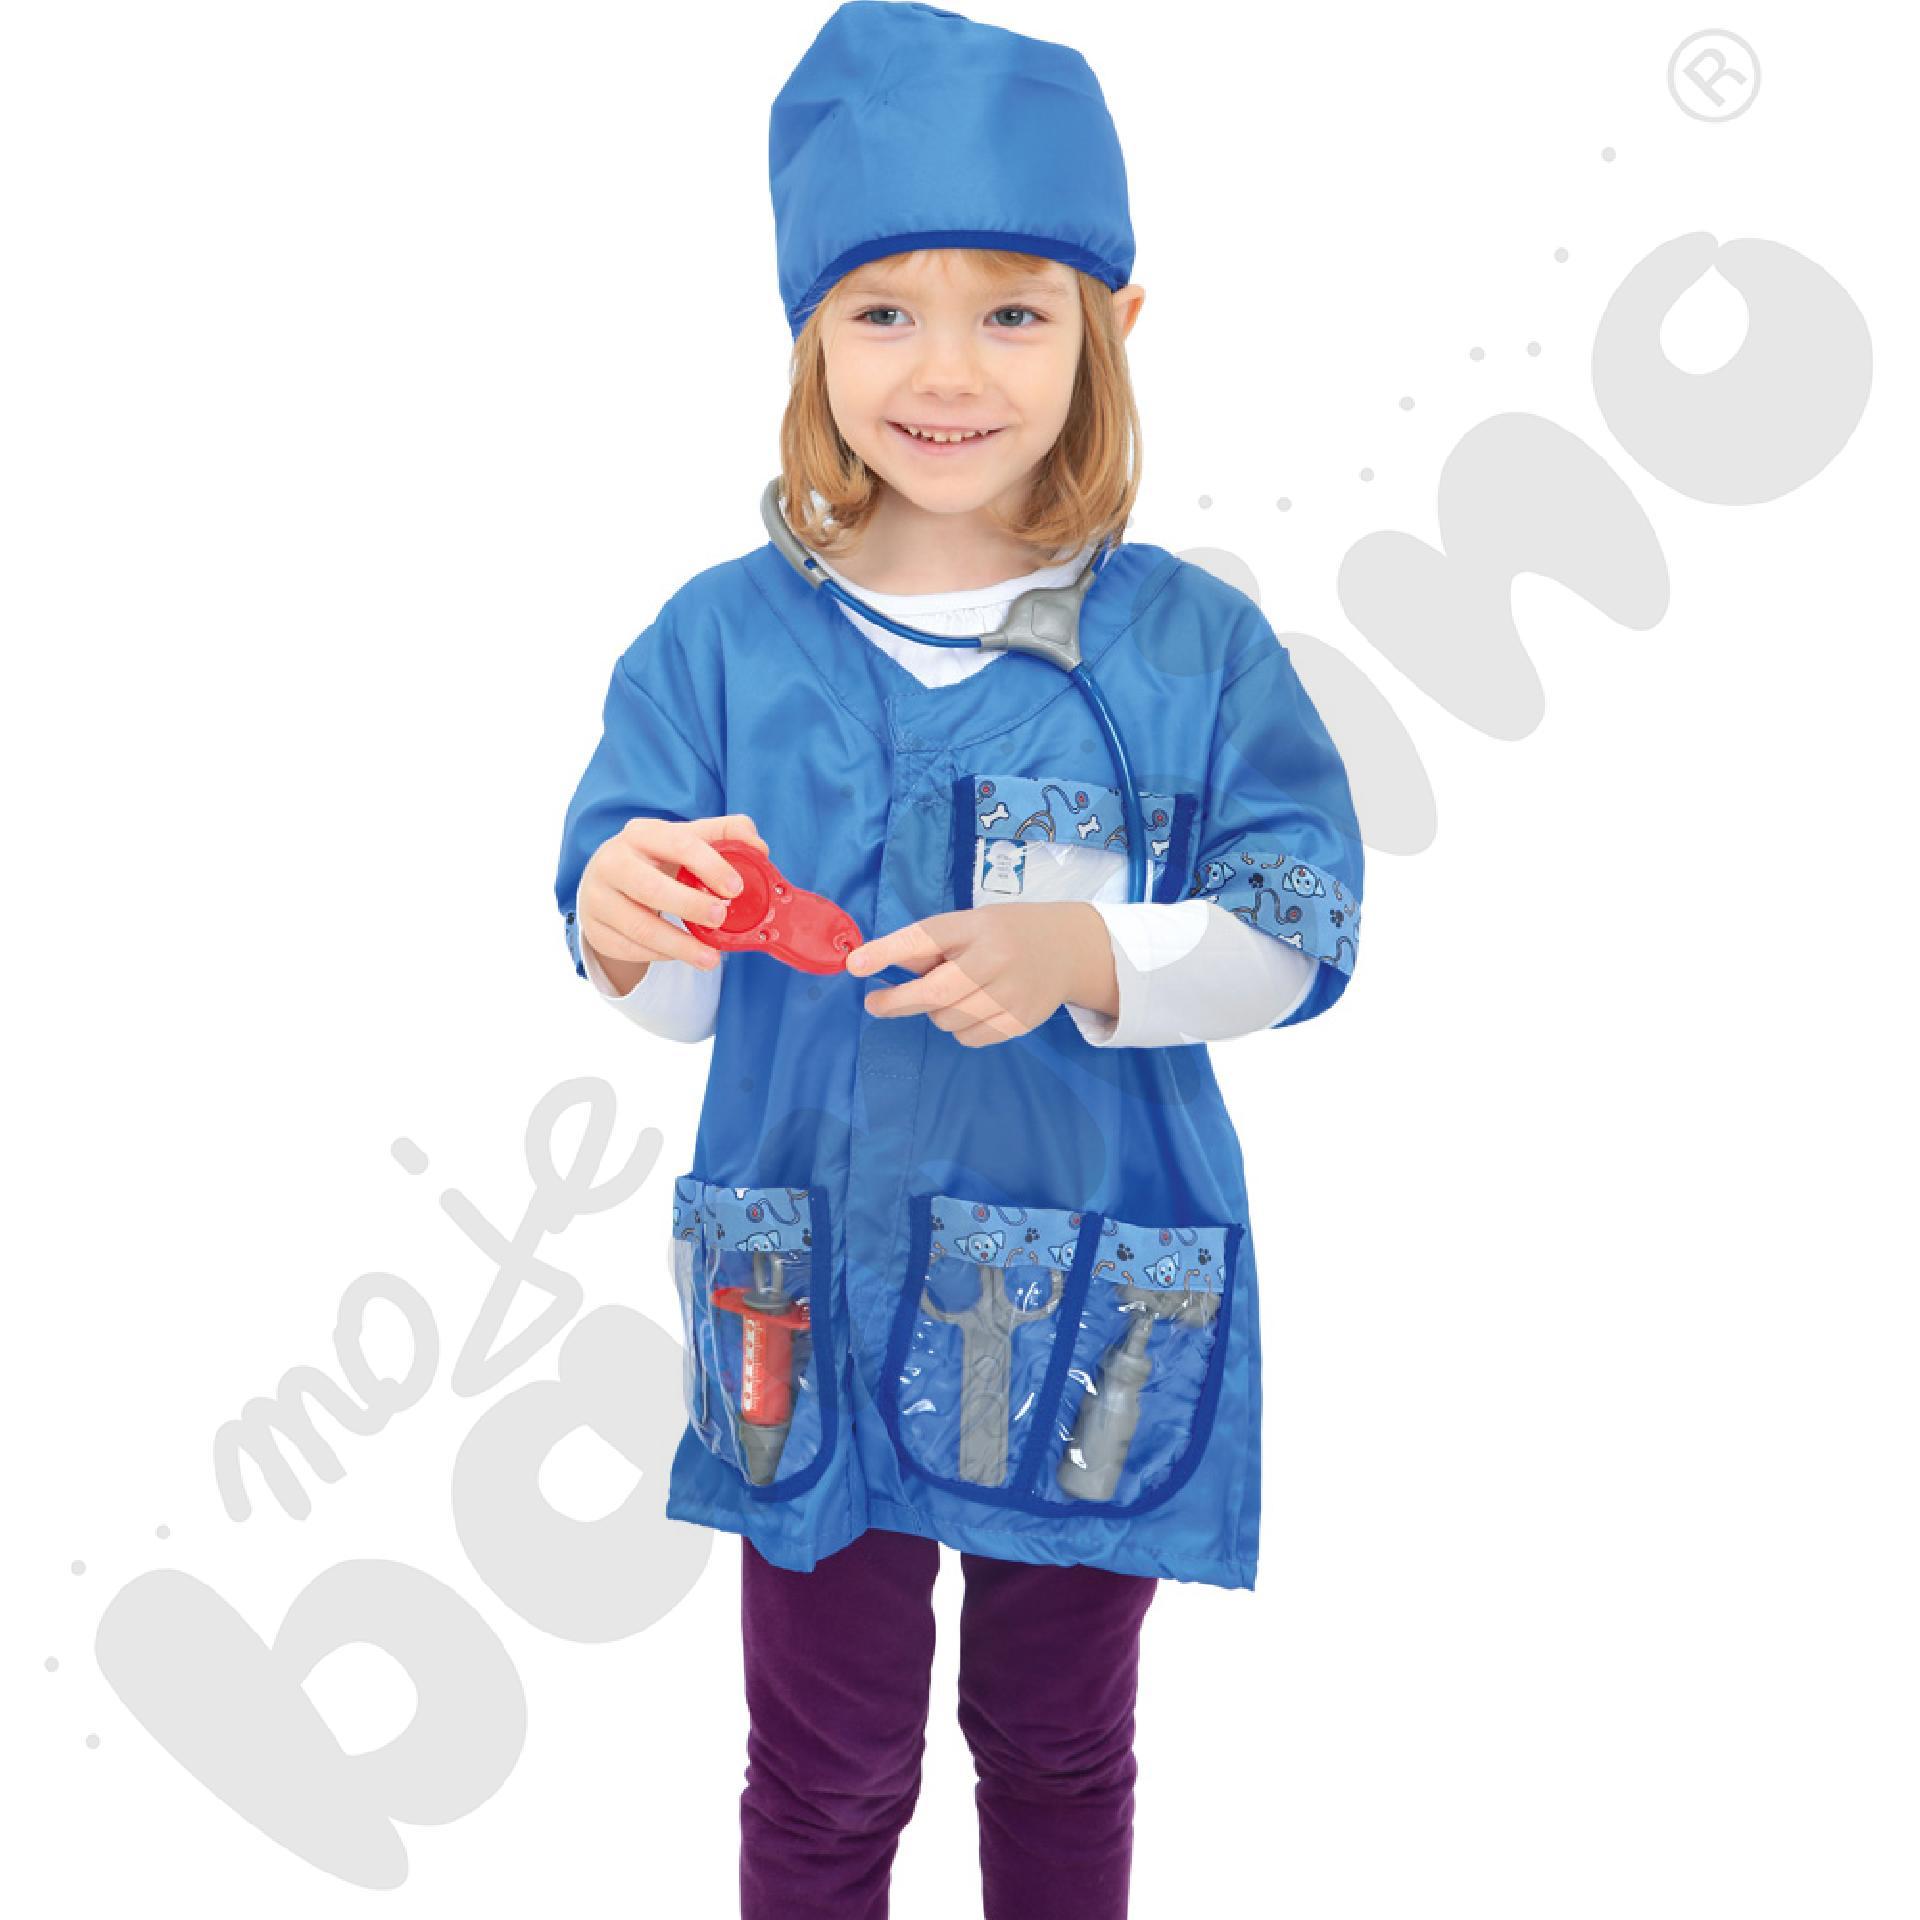 Weterynarz - kostium z akcesoriami